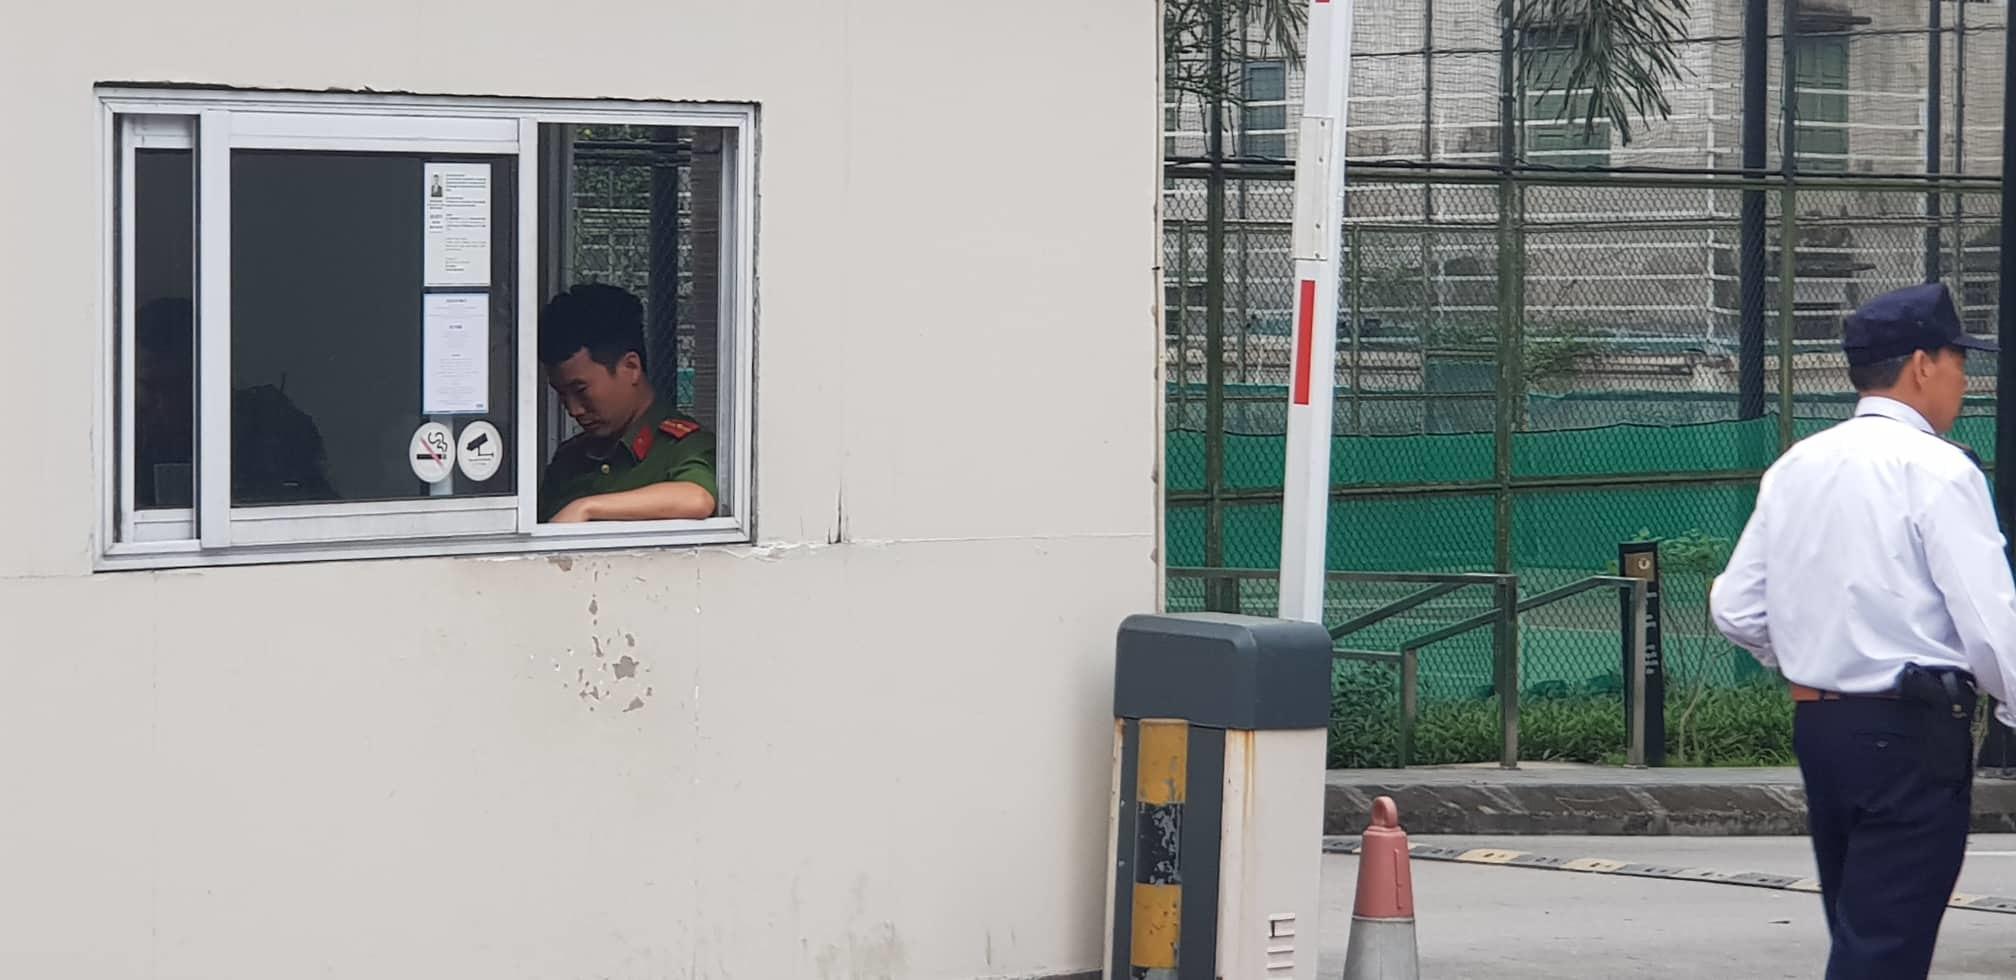 Nhật Cường Mobile,Bùi Quang Huy,Điện thoại Nhật Cường